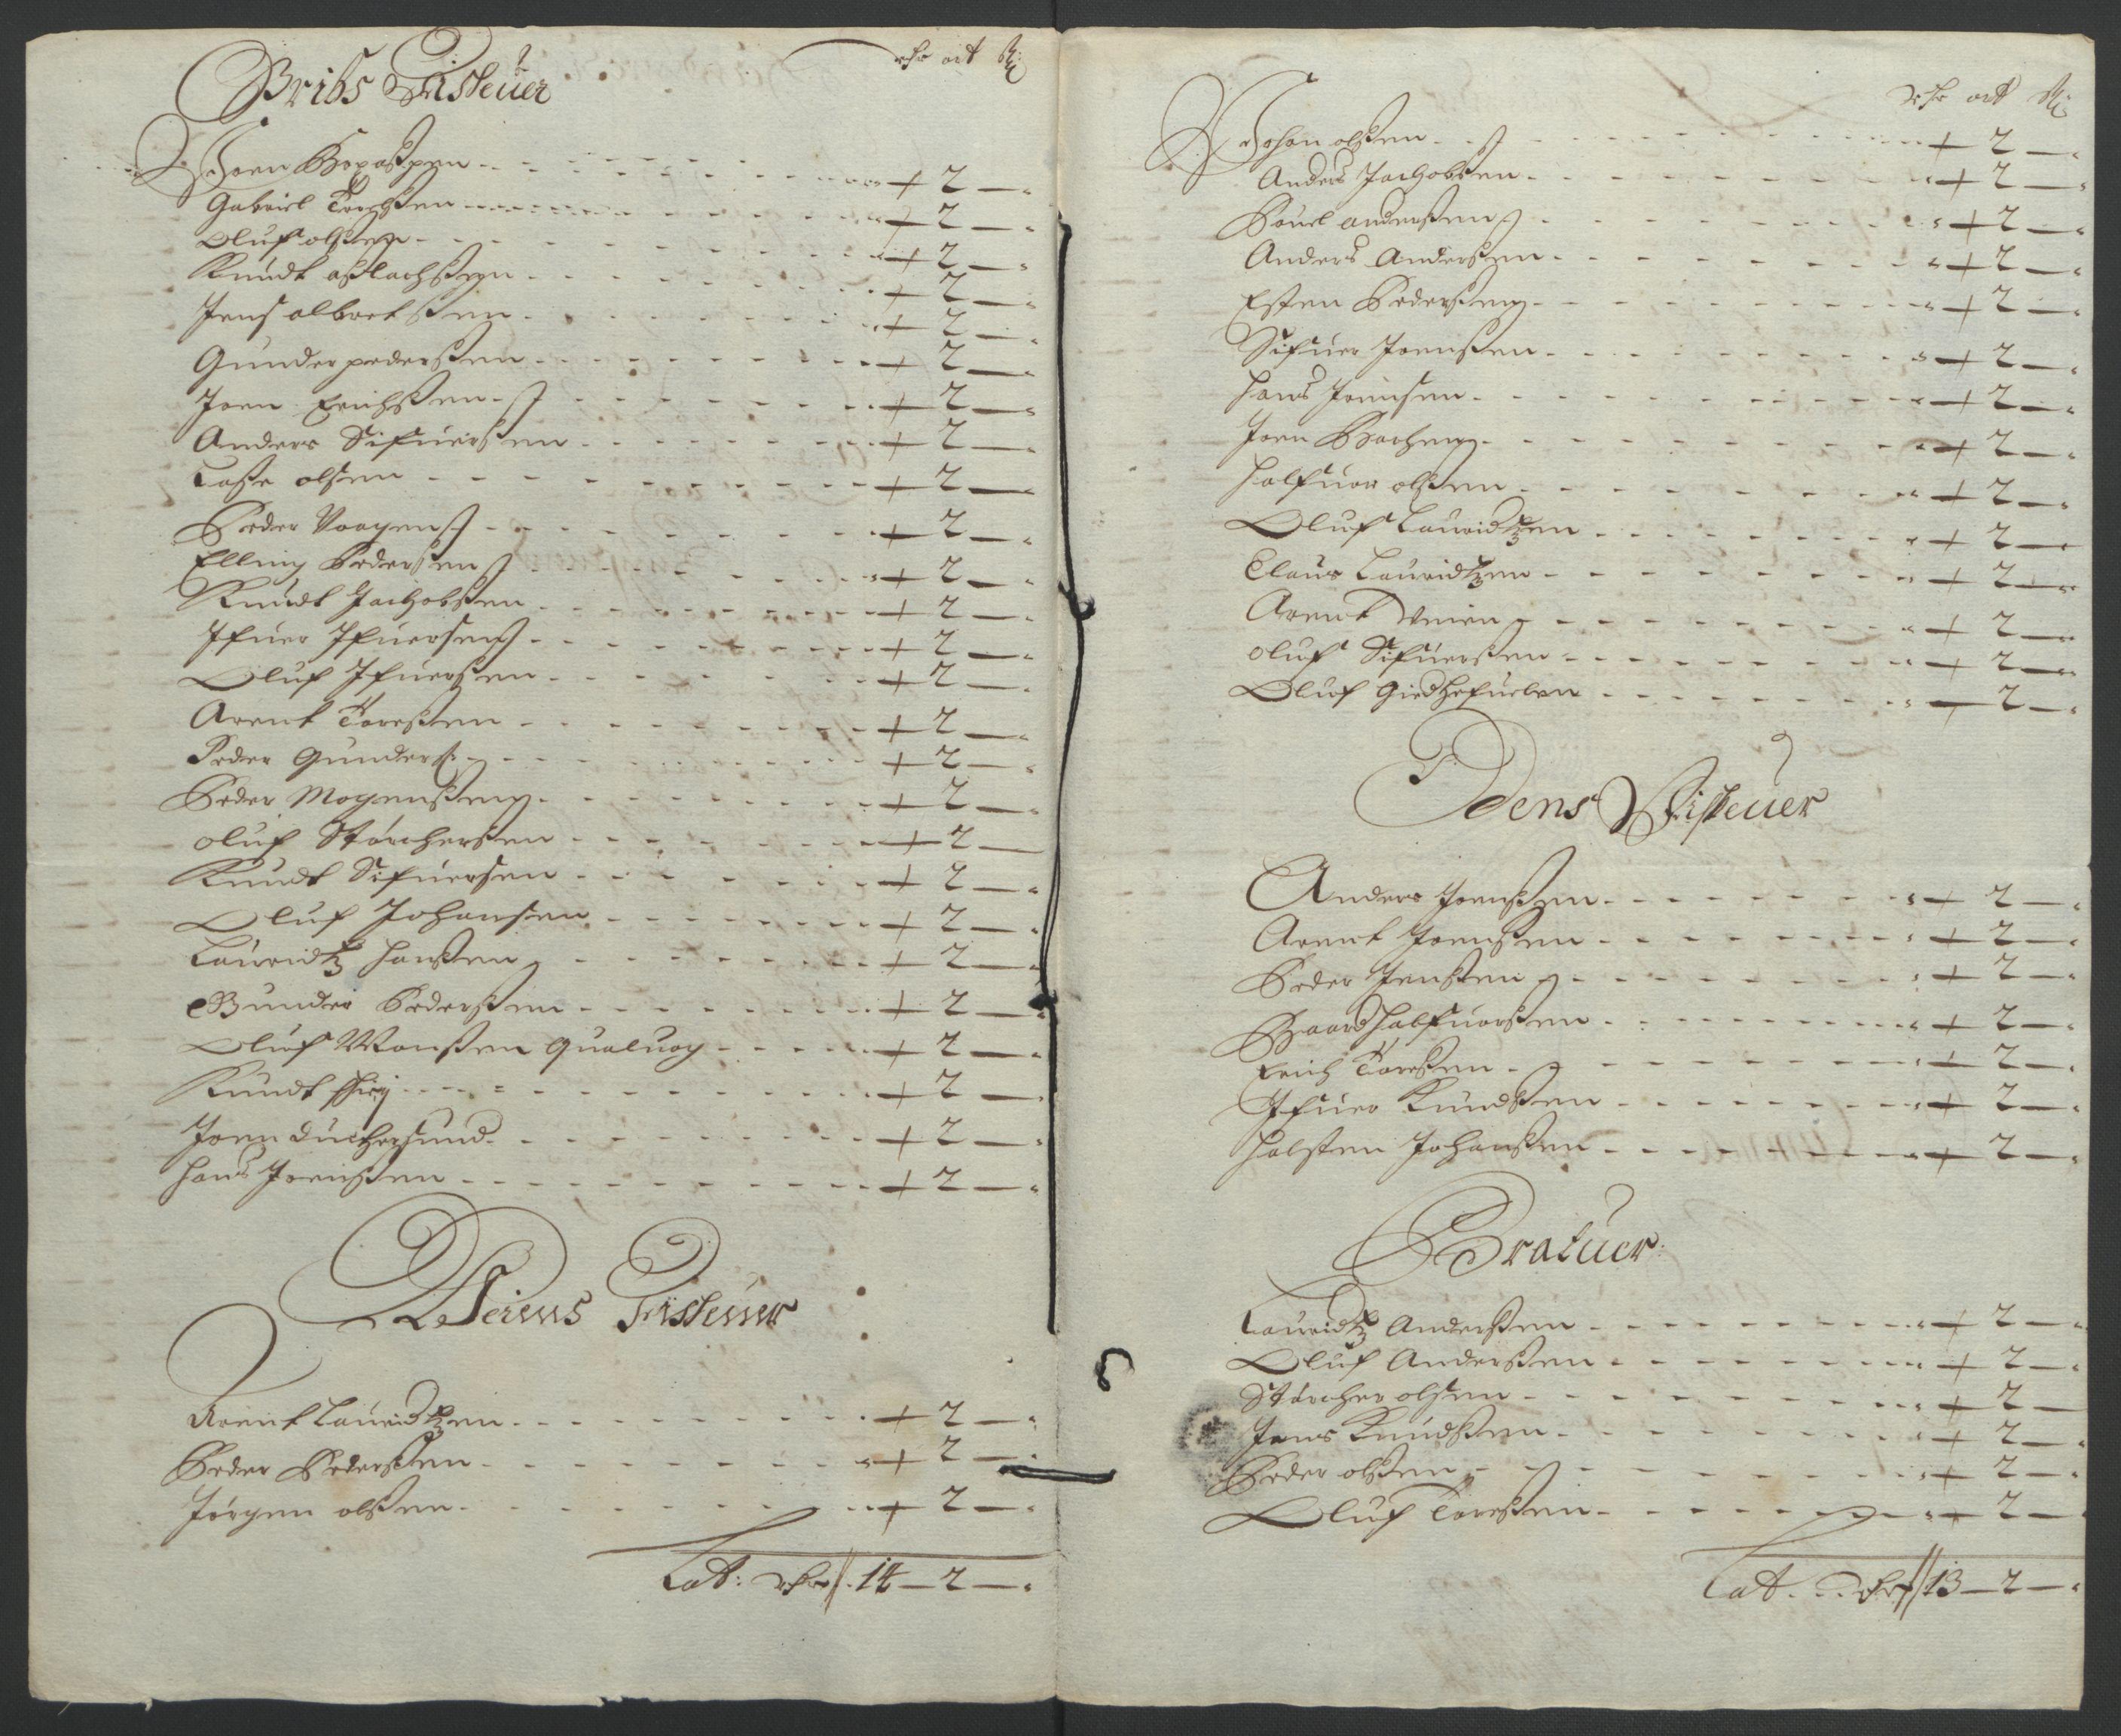 RA, Rentekammeret inntil 1814, Reviderte regnskaper, Fogderegnskap, R56/L3734: Fogderegnskap Nordmøre, 1690-1691, s. 297